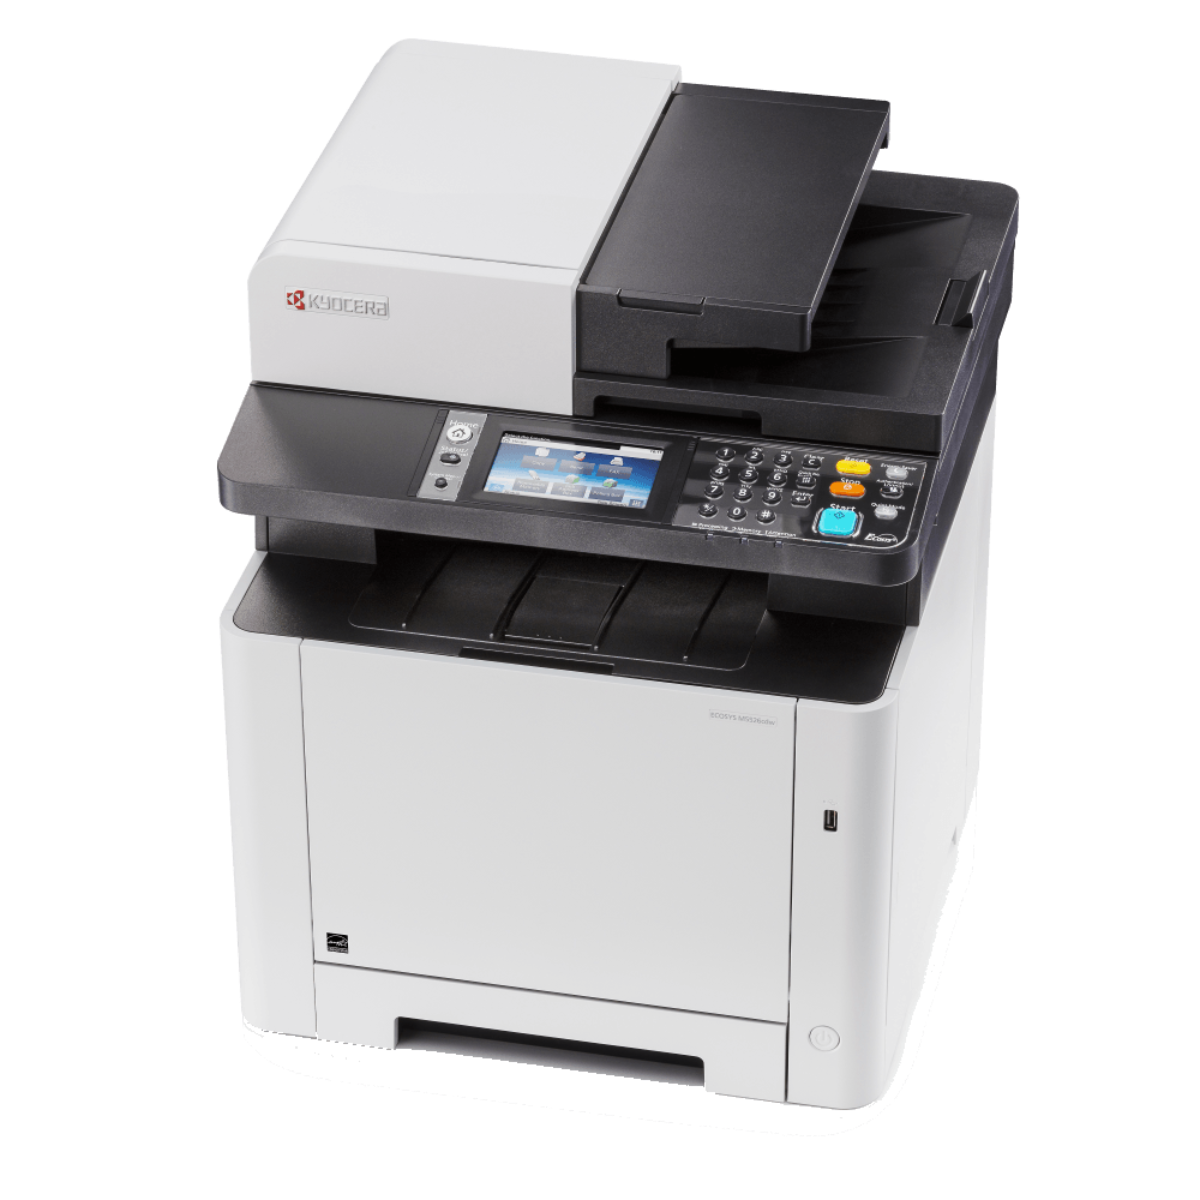 Kyocera Ecosys M5526cdw - printer og kopimaskin